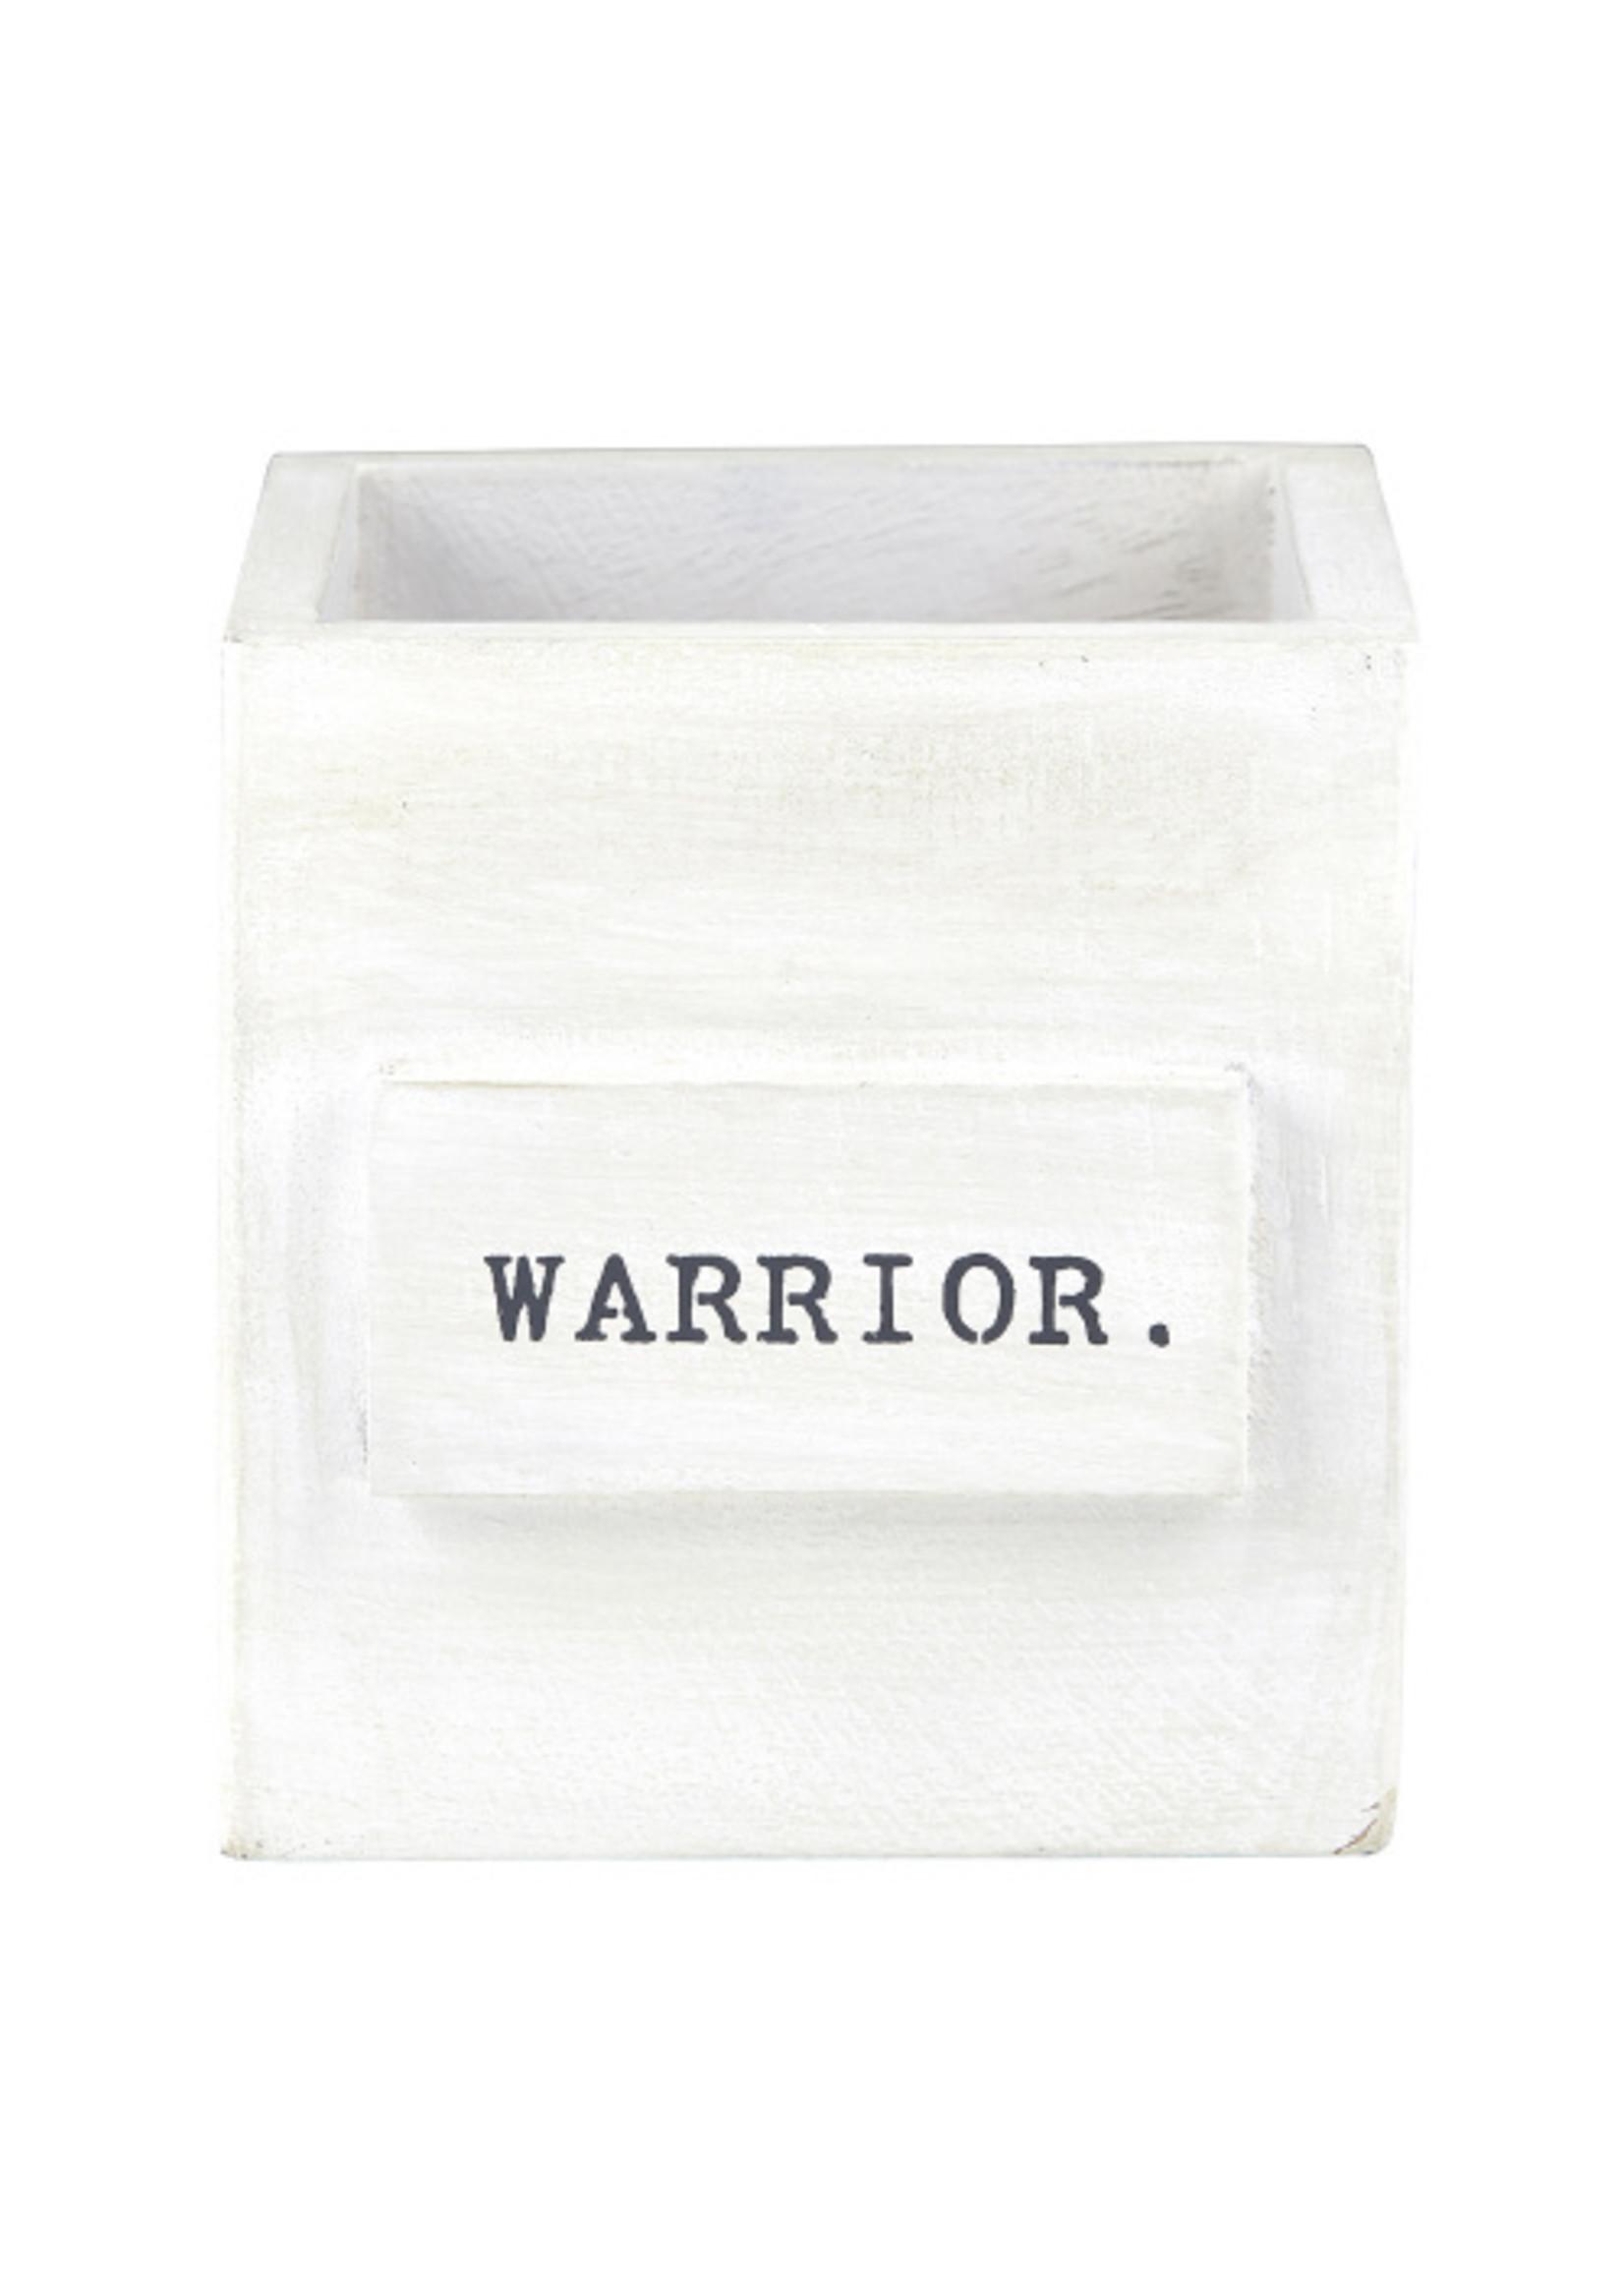 Warrior Nest Box